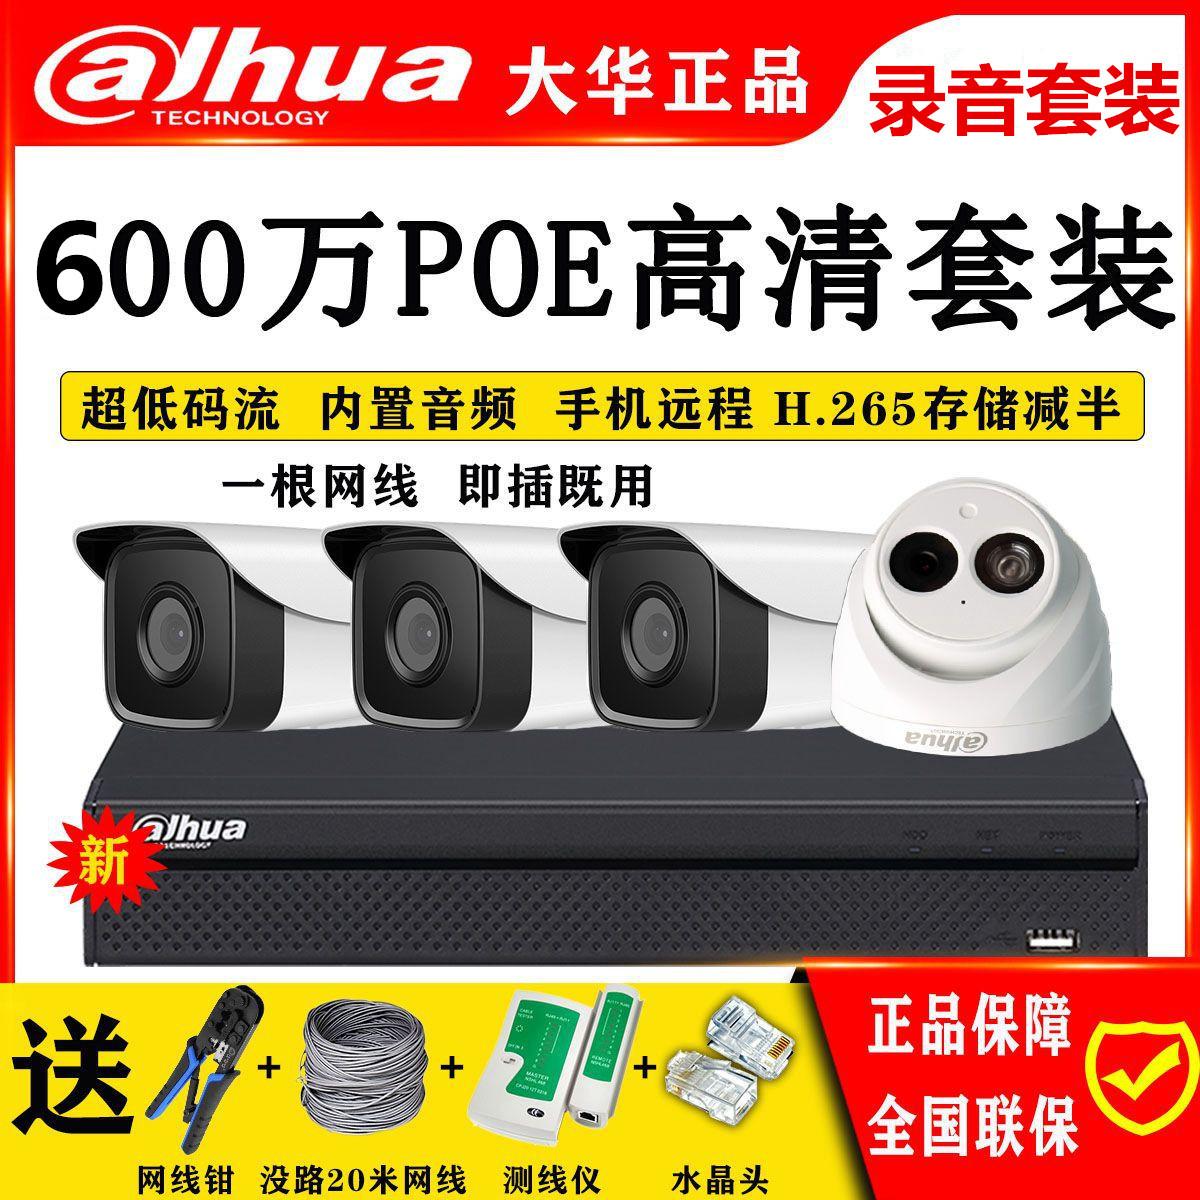 大华600万网络监控器设备套装室外POE有线室内高清夜视录音摄像头